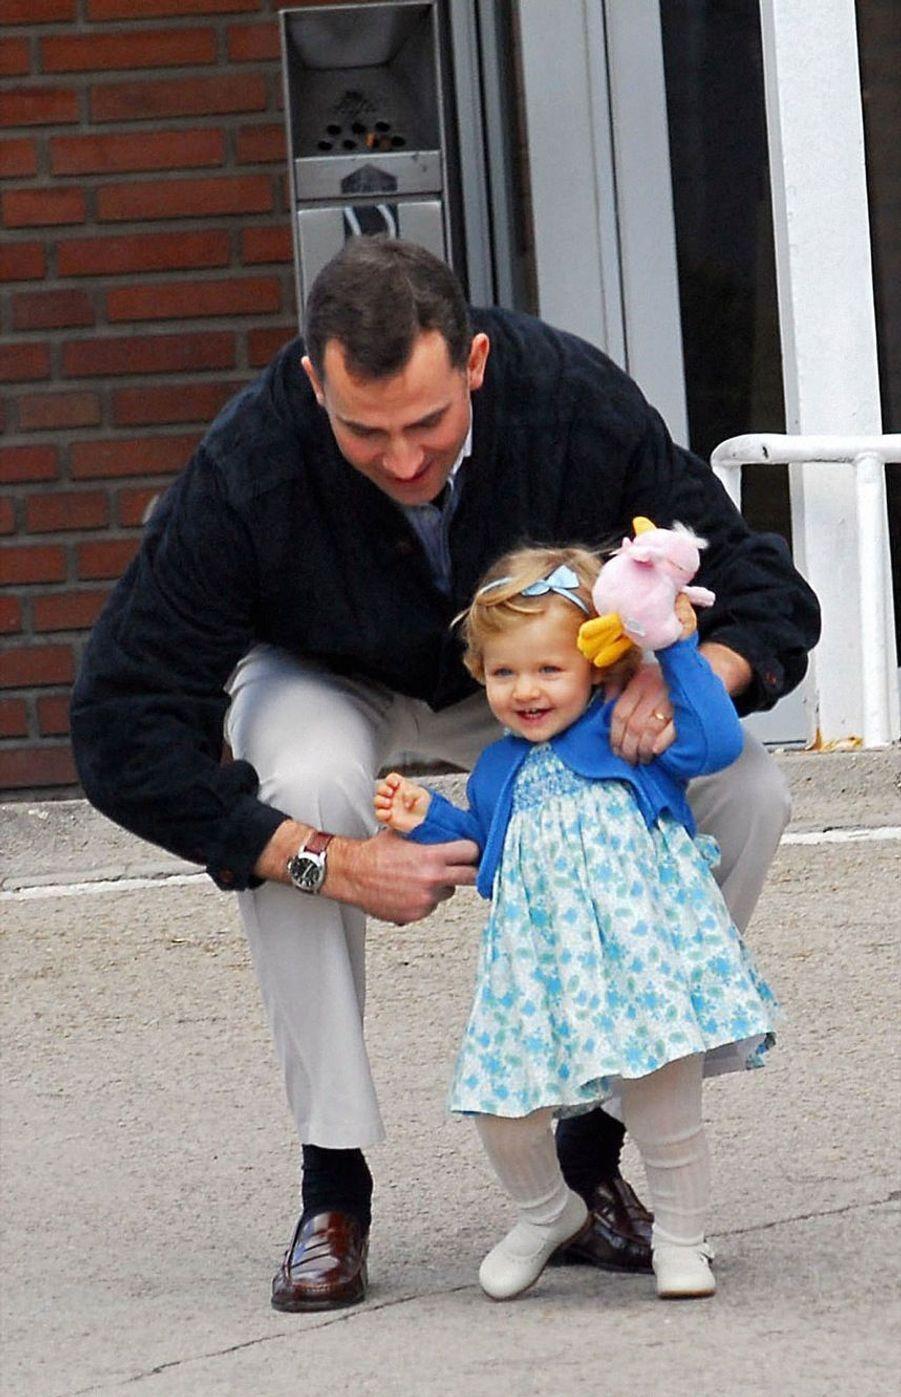 Après l'annonce de la naissance de Sofia, le 29 avril 2007